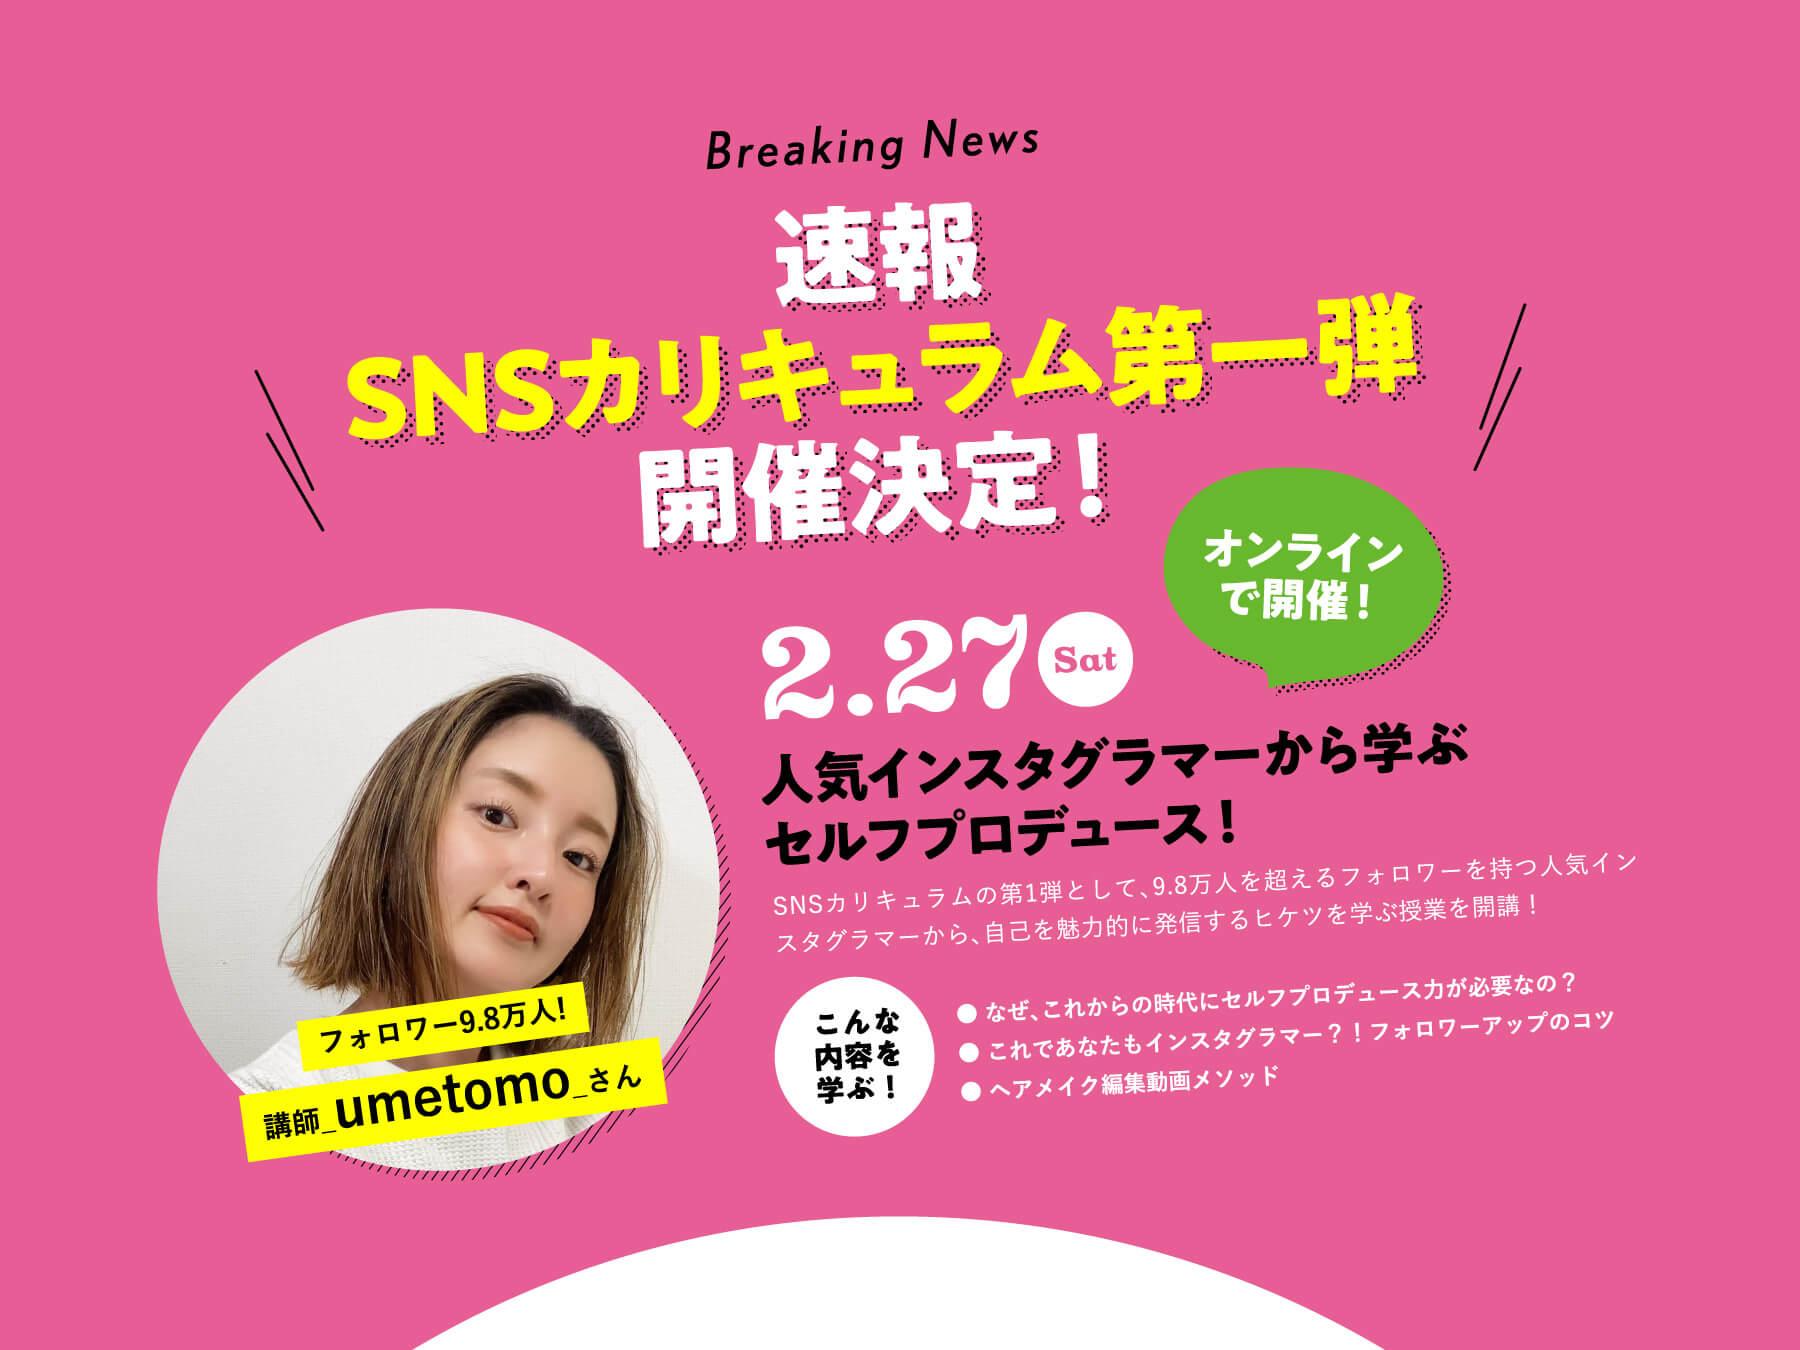 速報 SNSカリキュラム第一弾 開催決定!